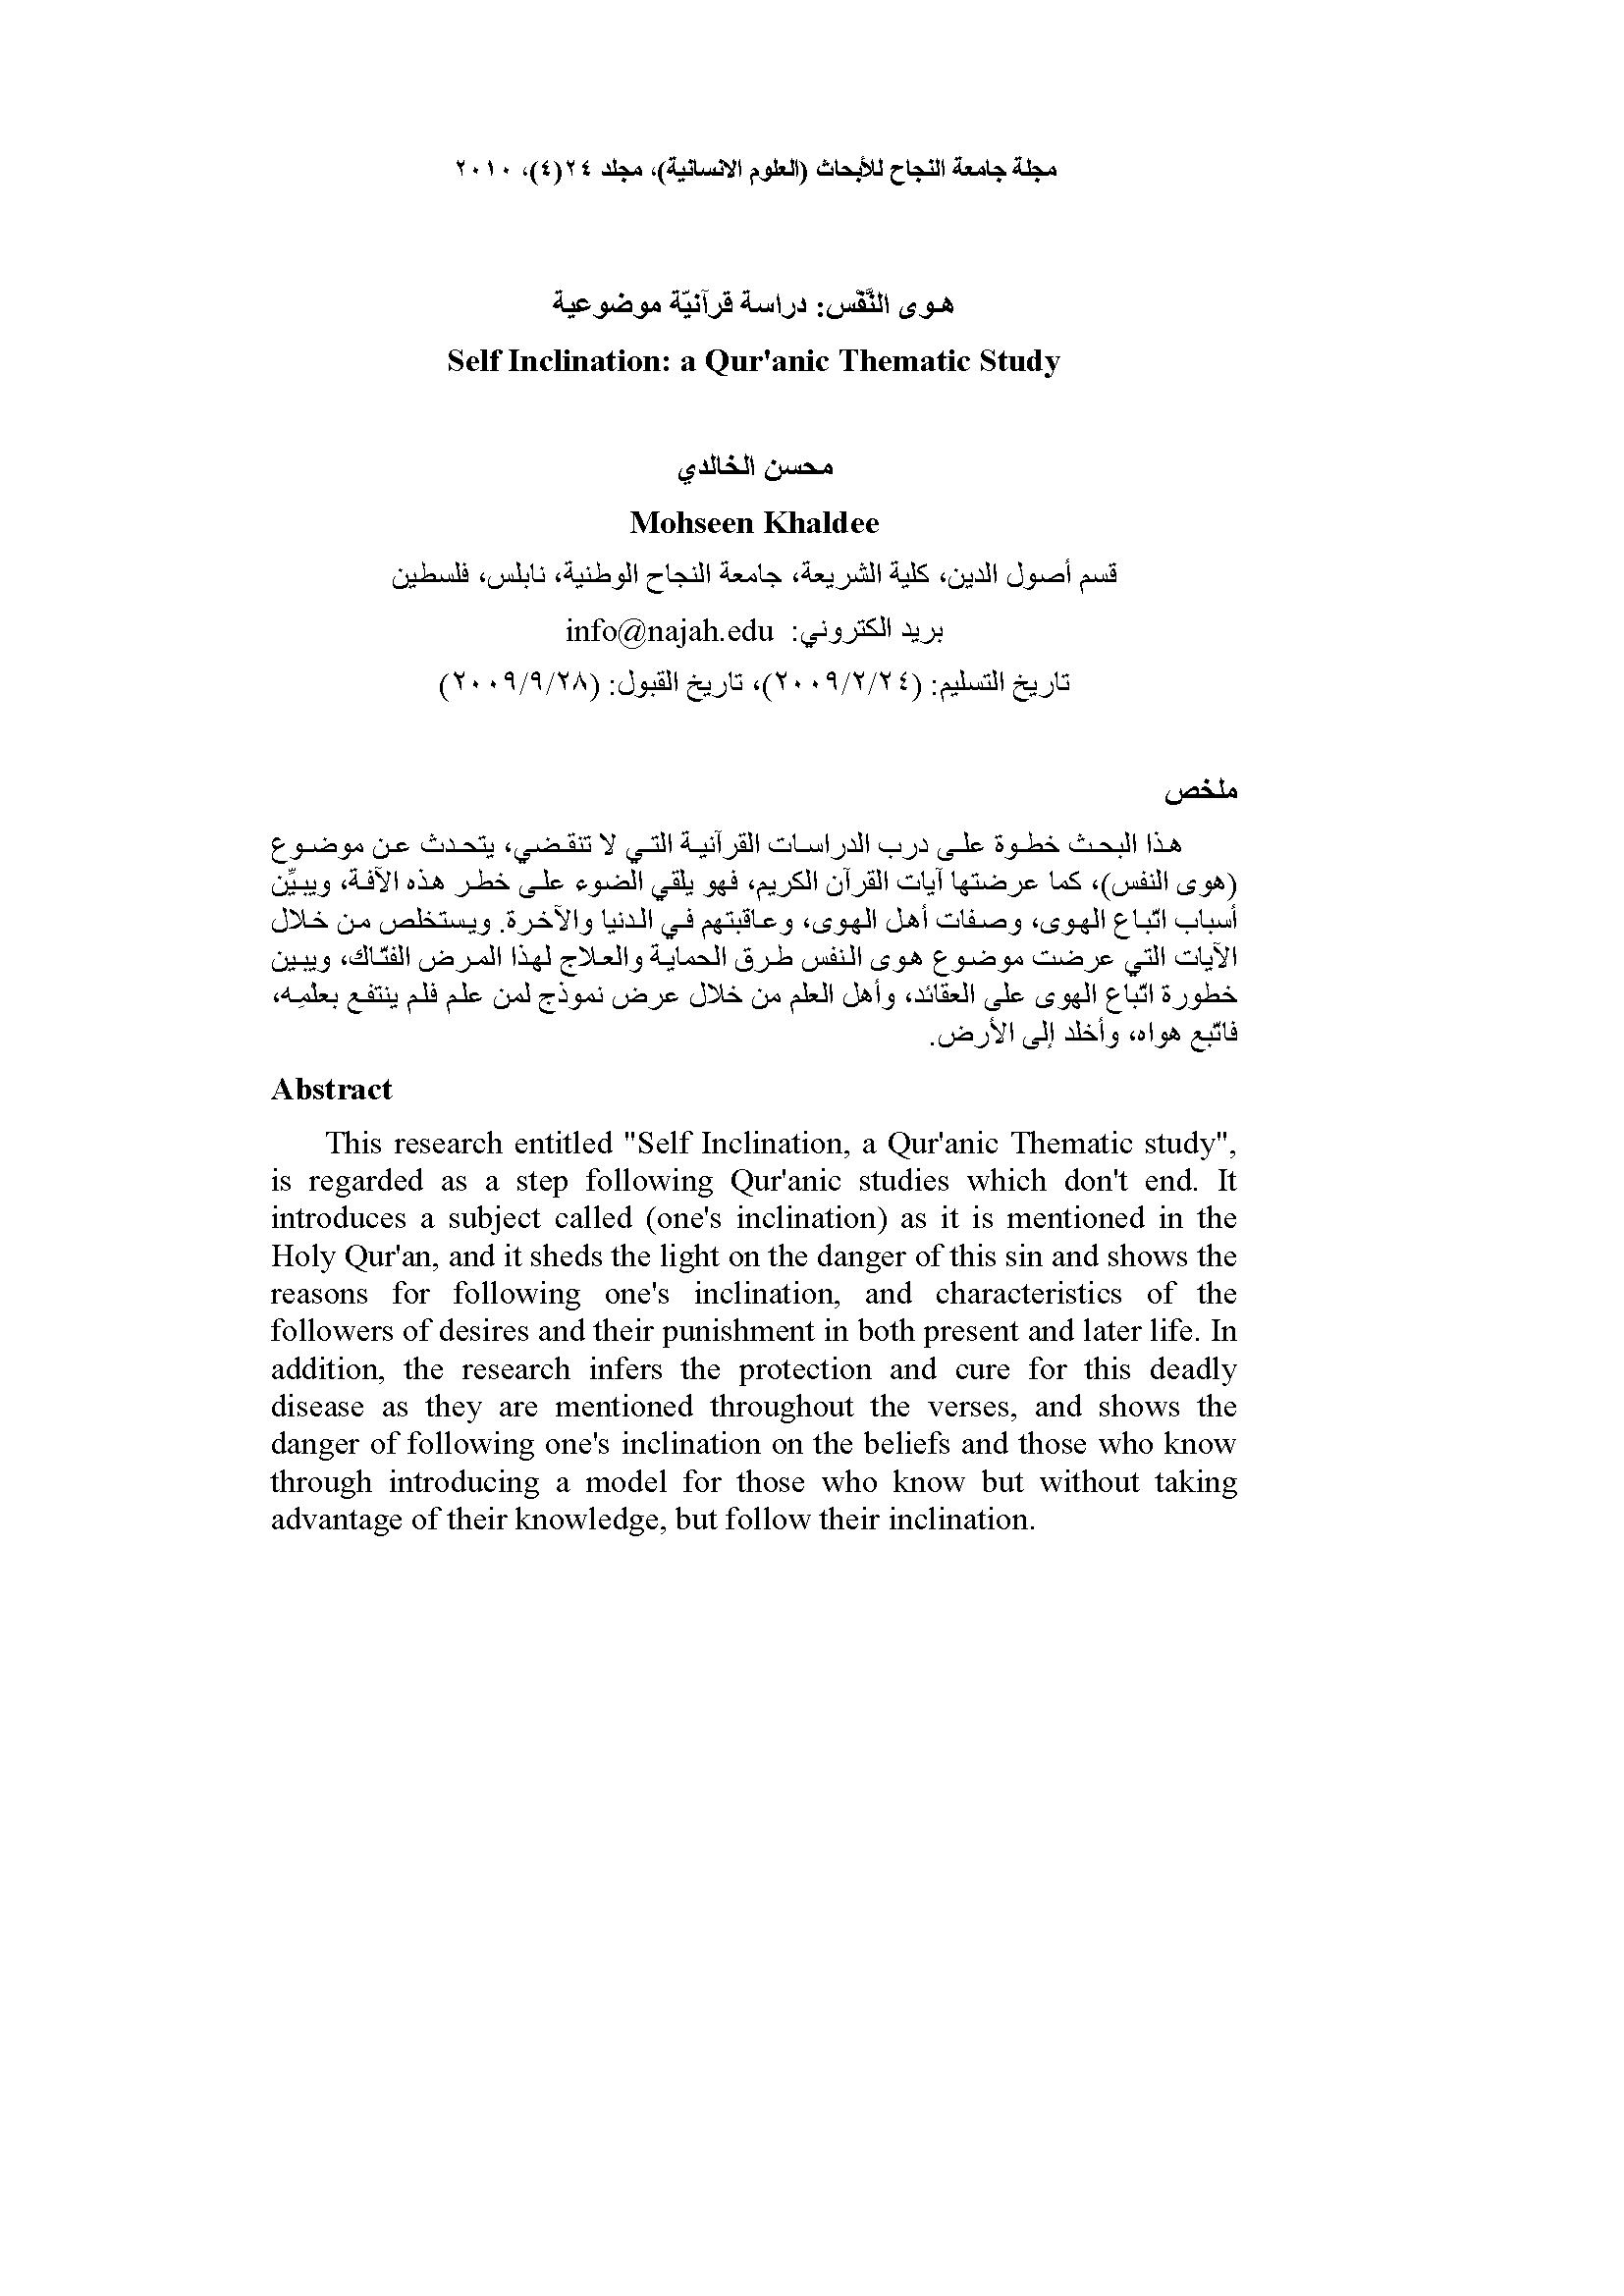 تحميل كتاب هوى النفس: دراسة قرآنية موضوعية لـِ: الدكتور محسن سميح سعيد الخالدي